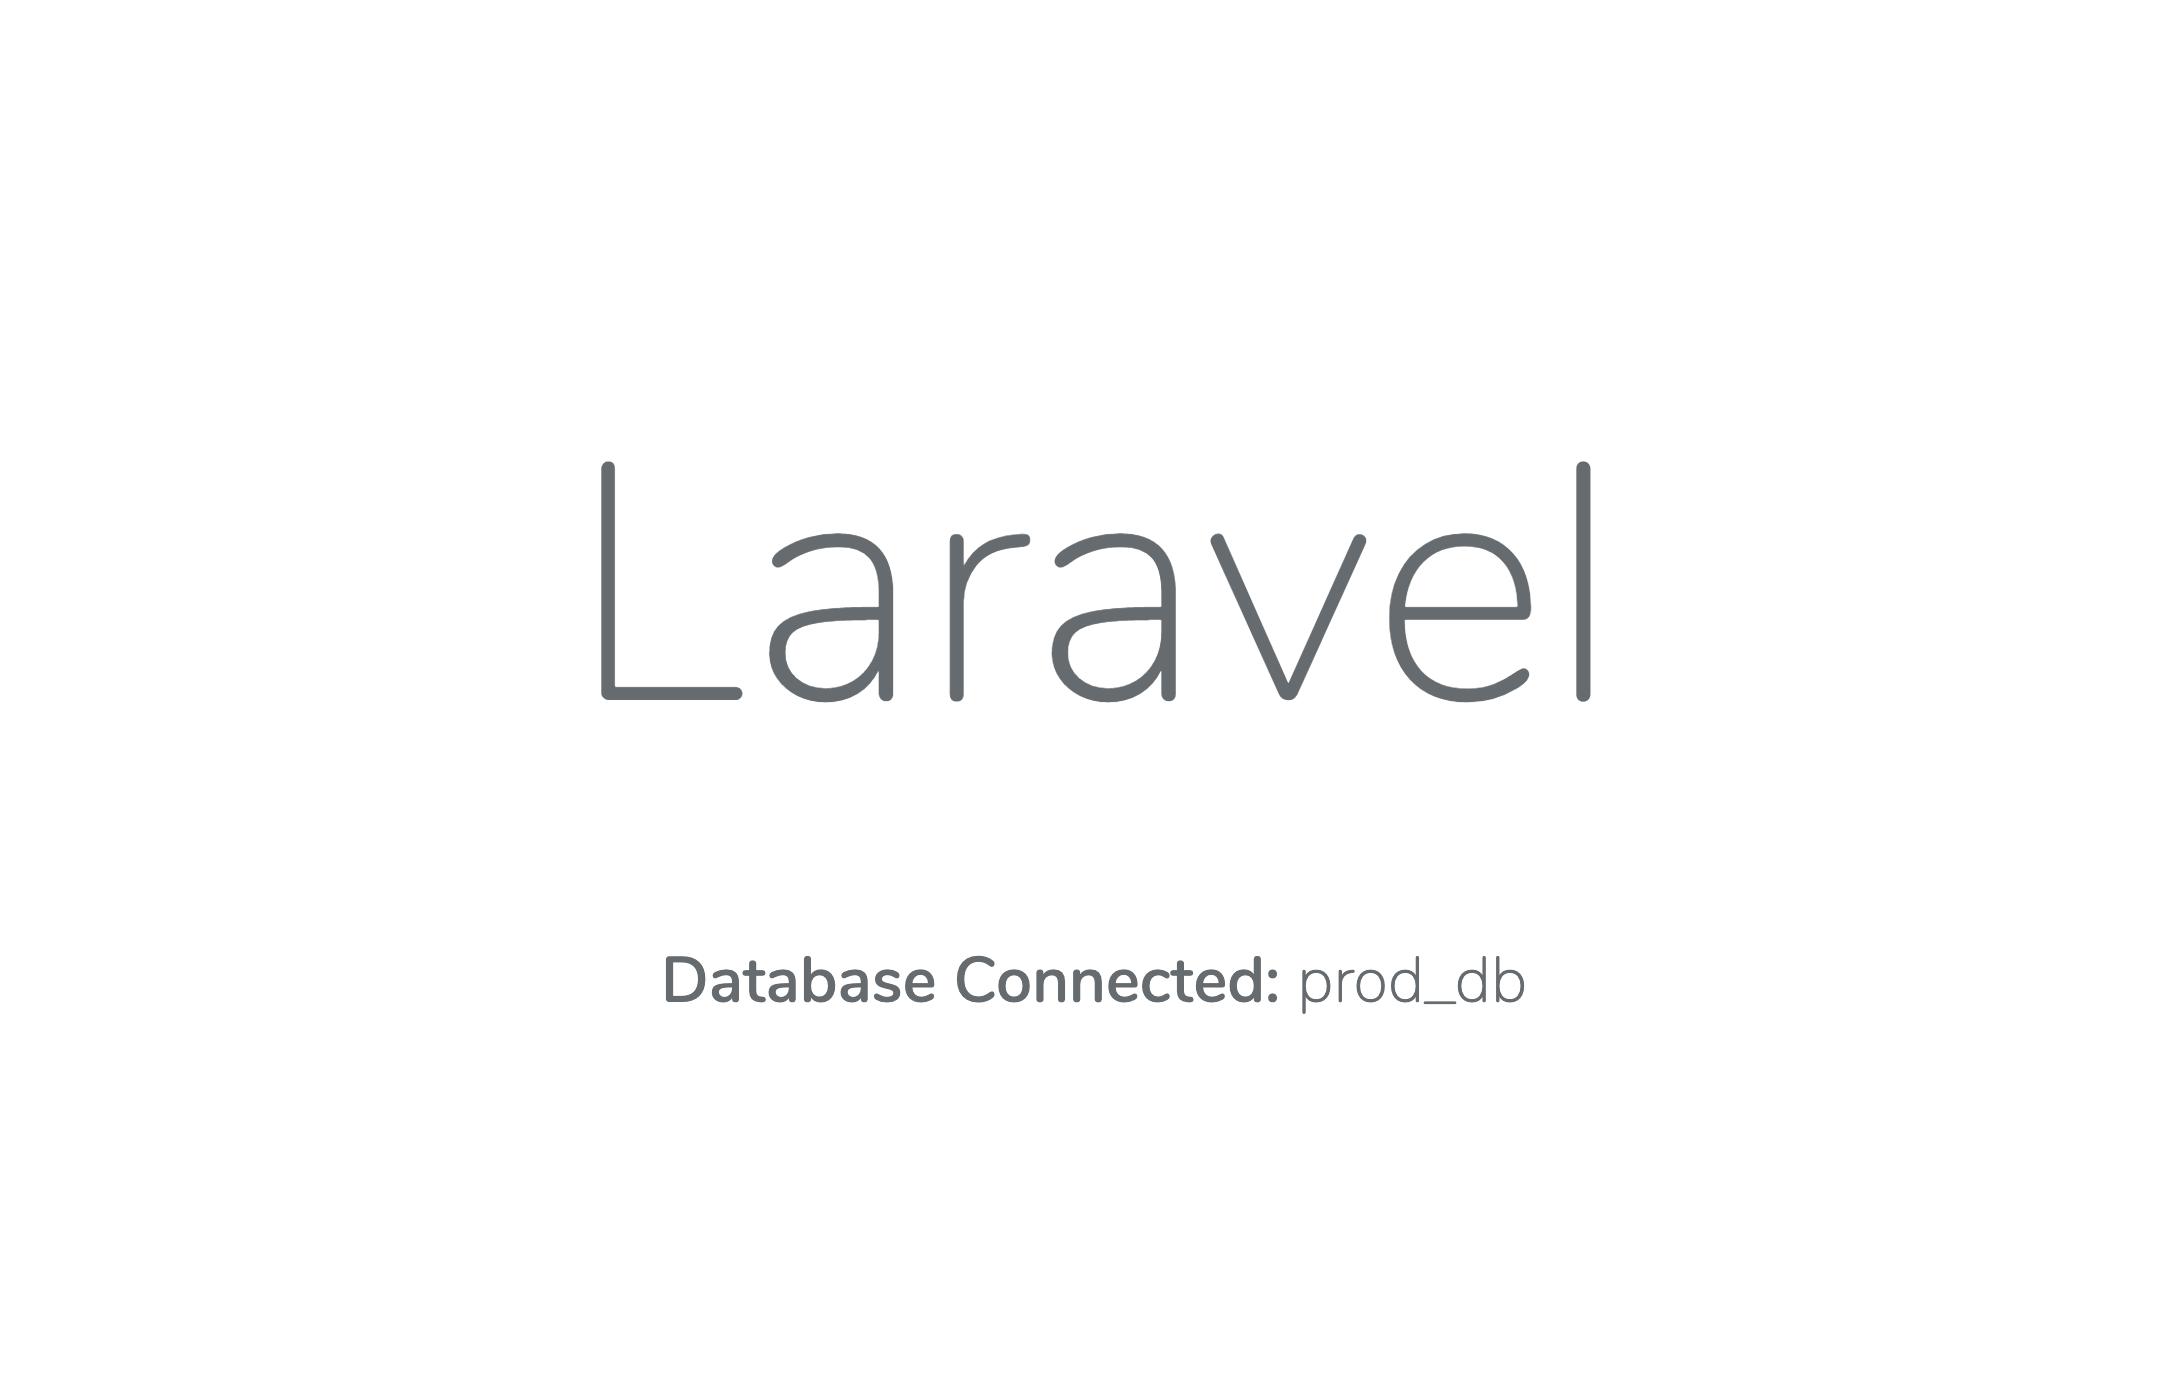 Die Laravel-Anwendung, die in Kubernetes mit dem LAMP Helm Chart ausgeführt wird